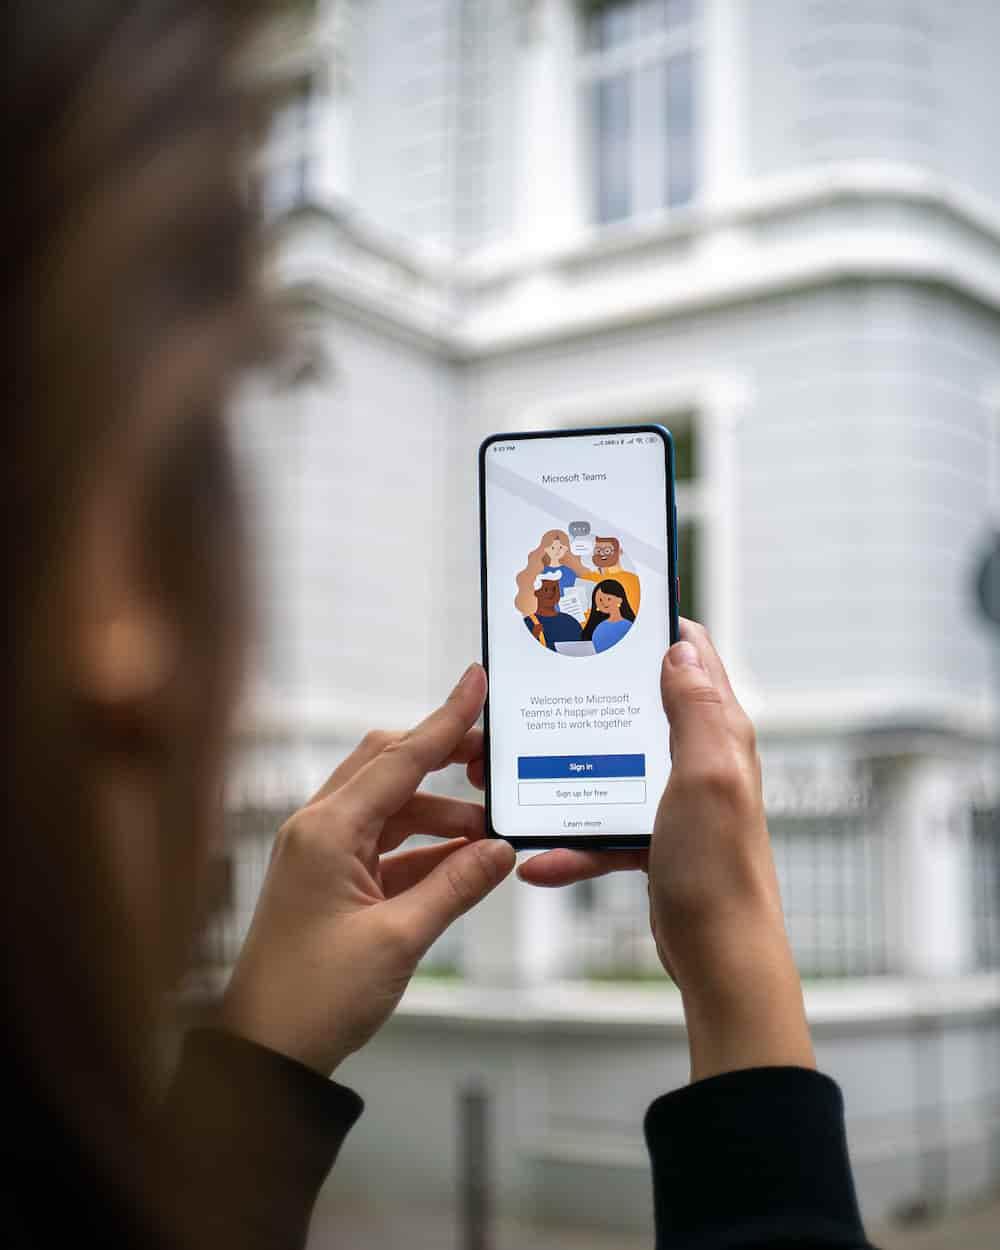 Ehrenamtliche hält Smartphone in der Hand und hält eine Videokonferenz über Microsoft Teams